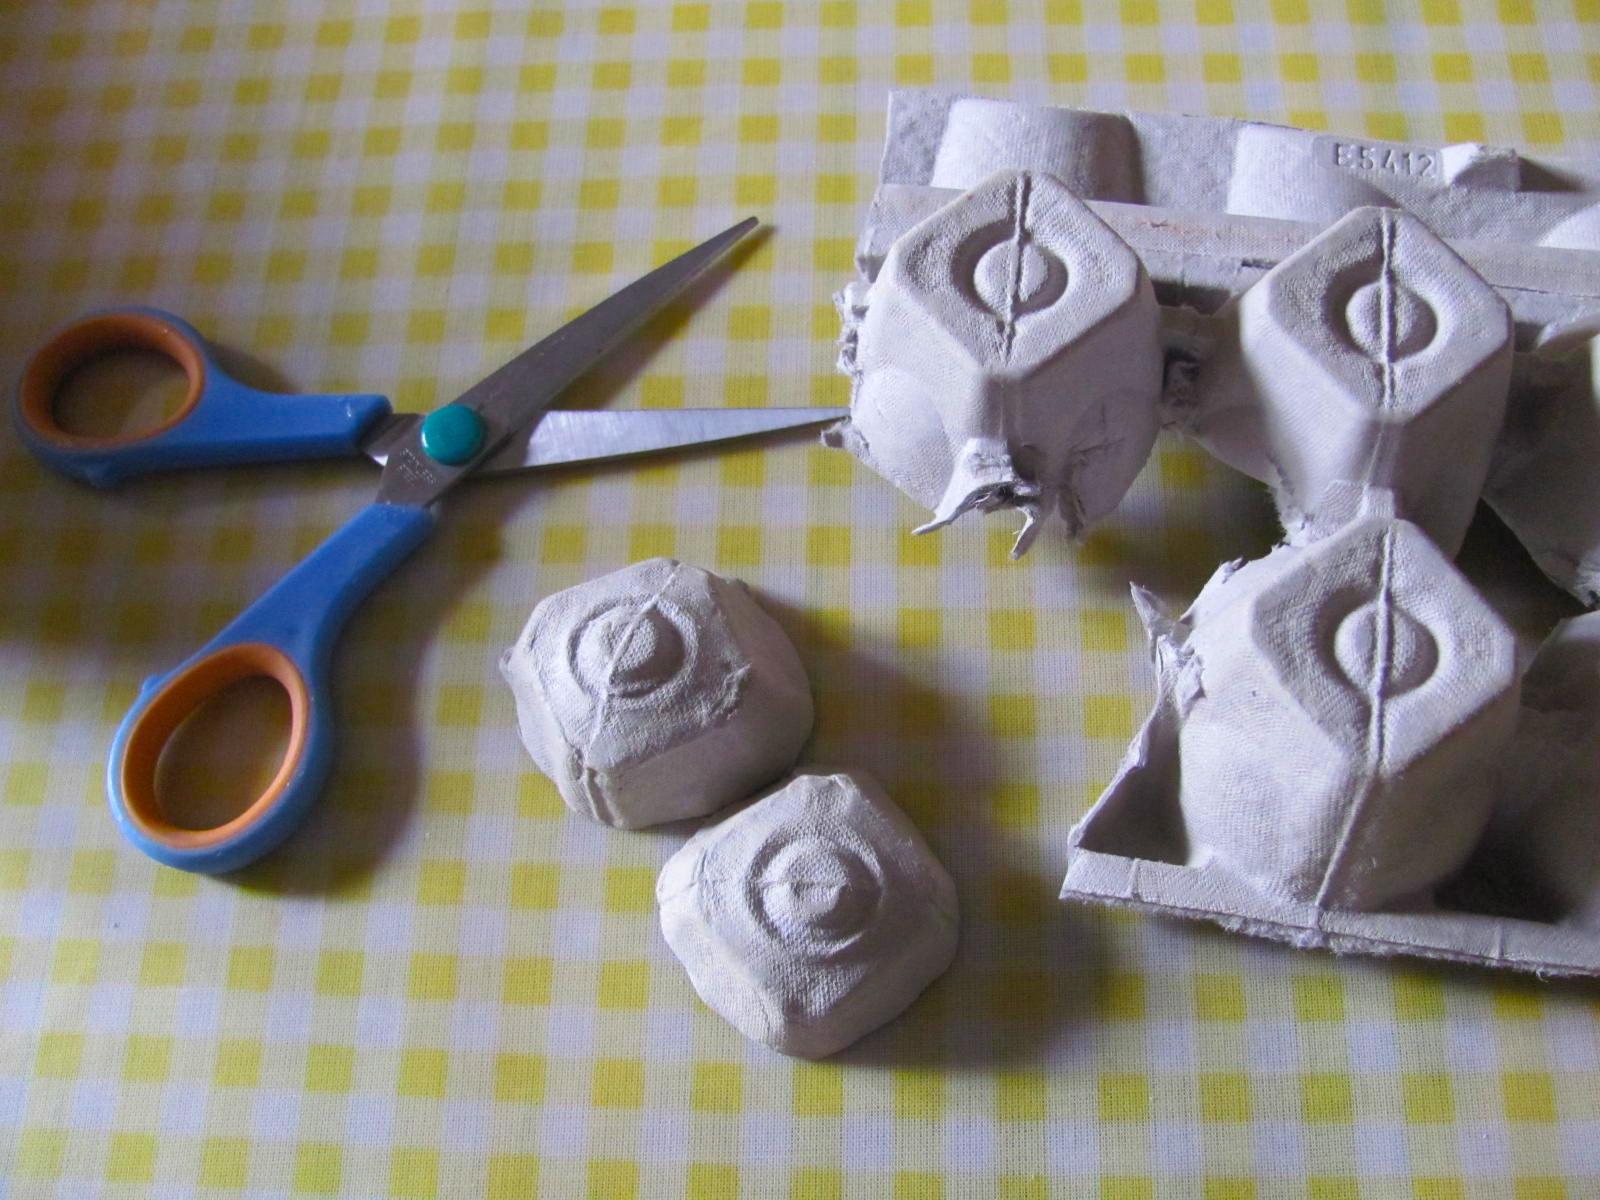 Поделки из яичных лотков: 95 фото идей как своими руками изготовить поделки из лотков для яиц